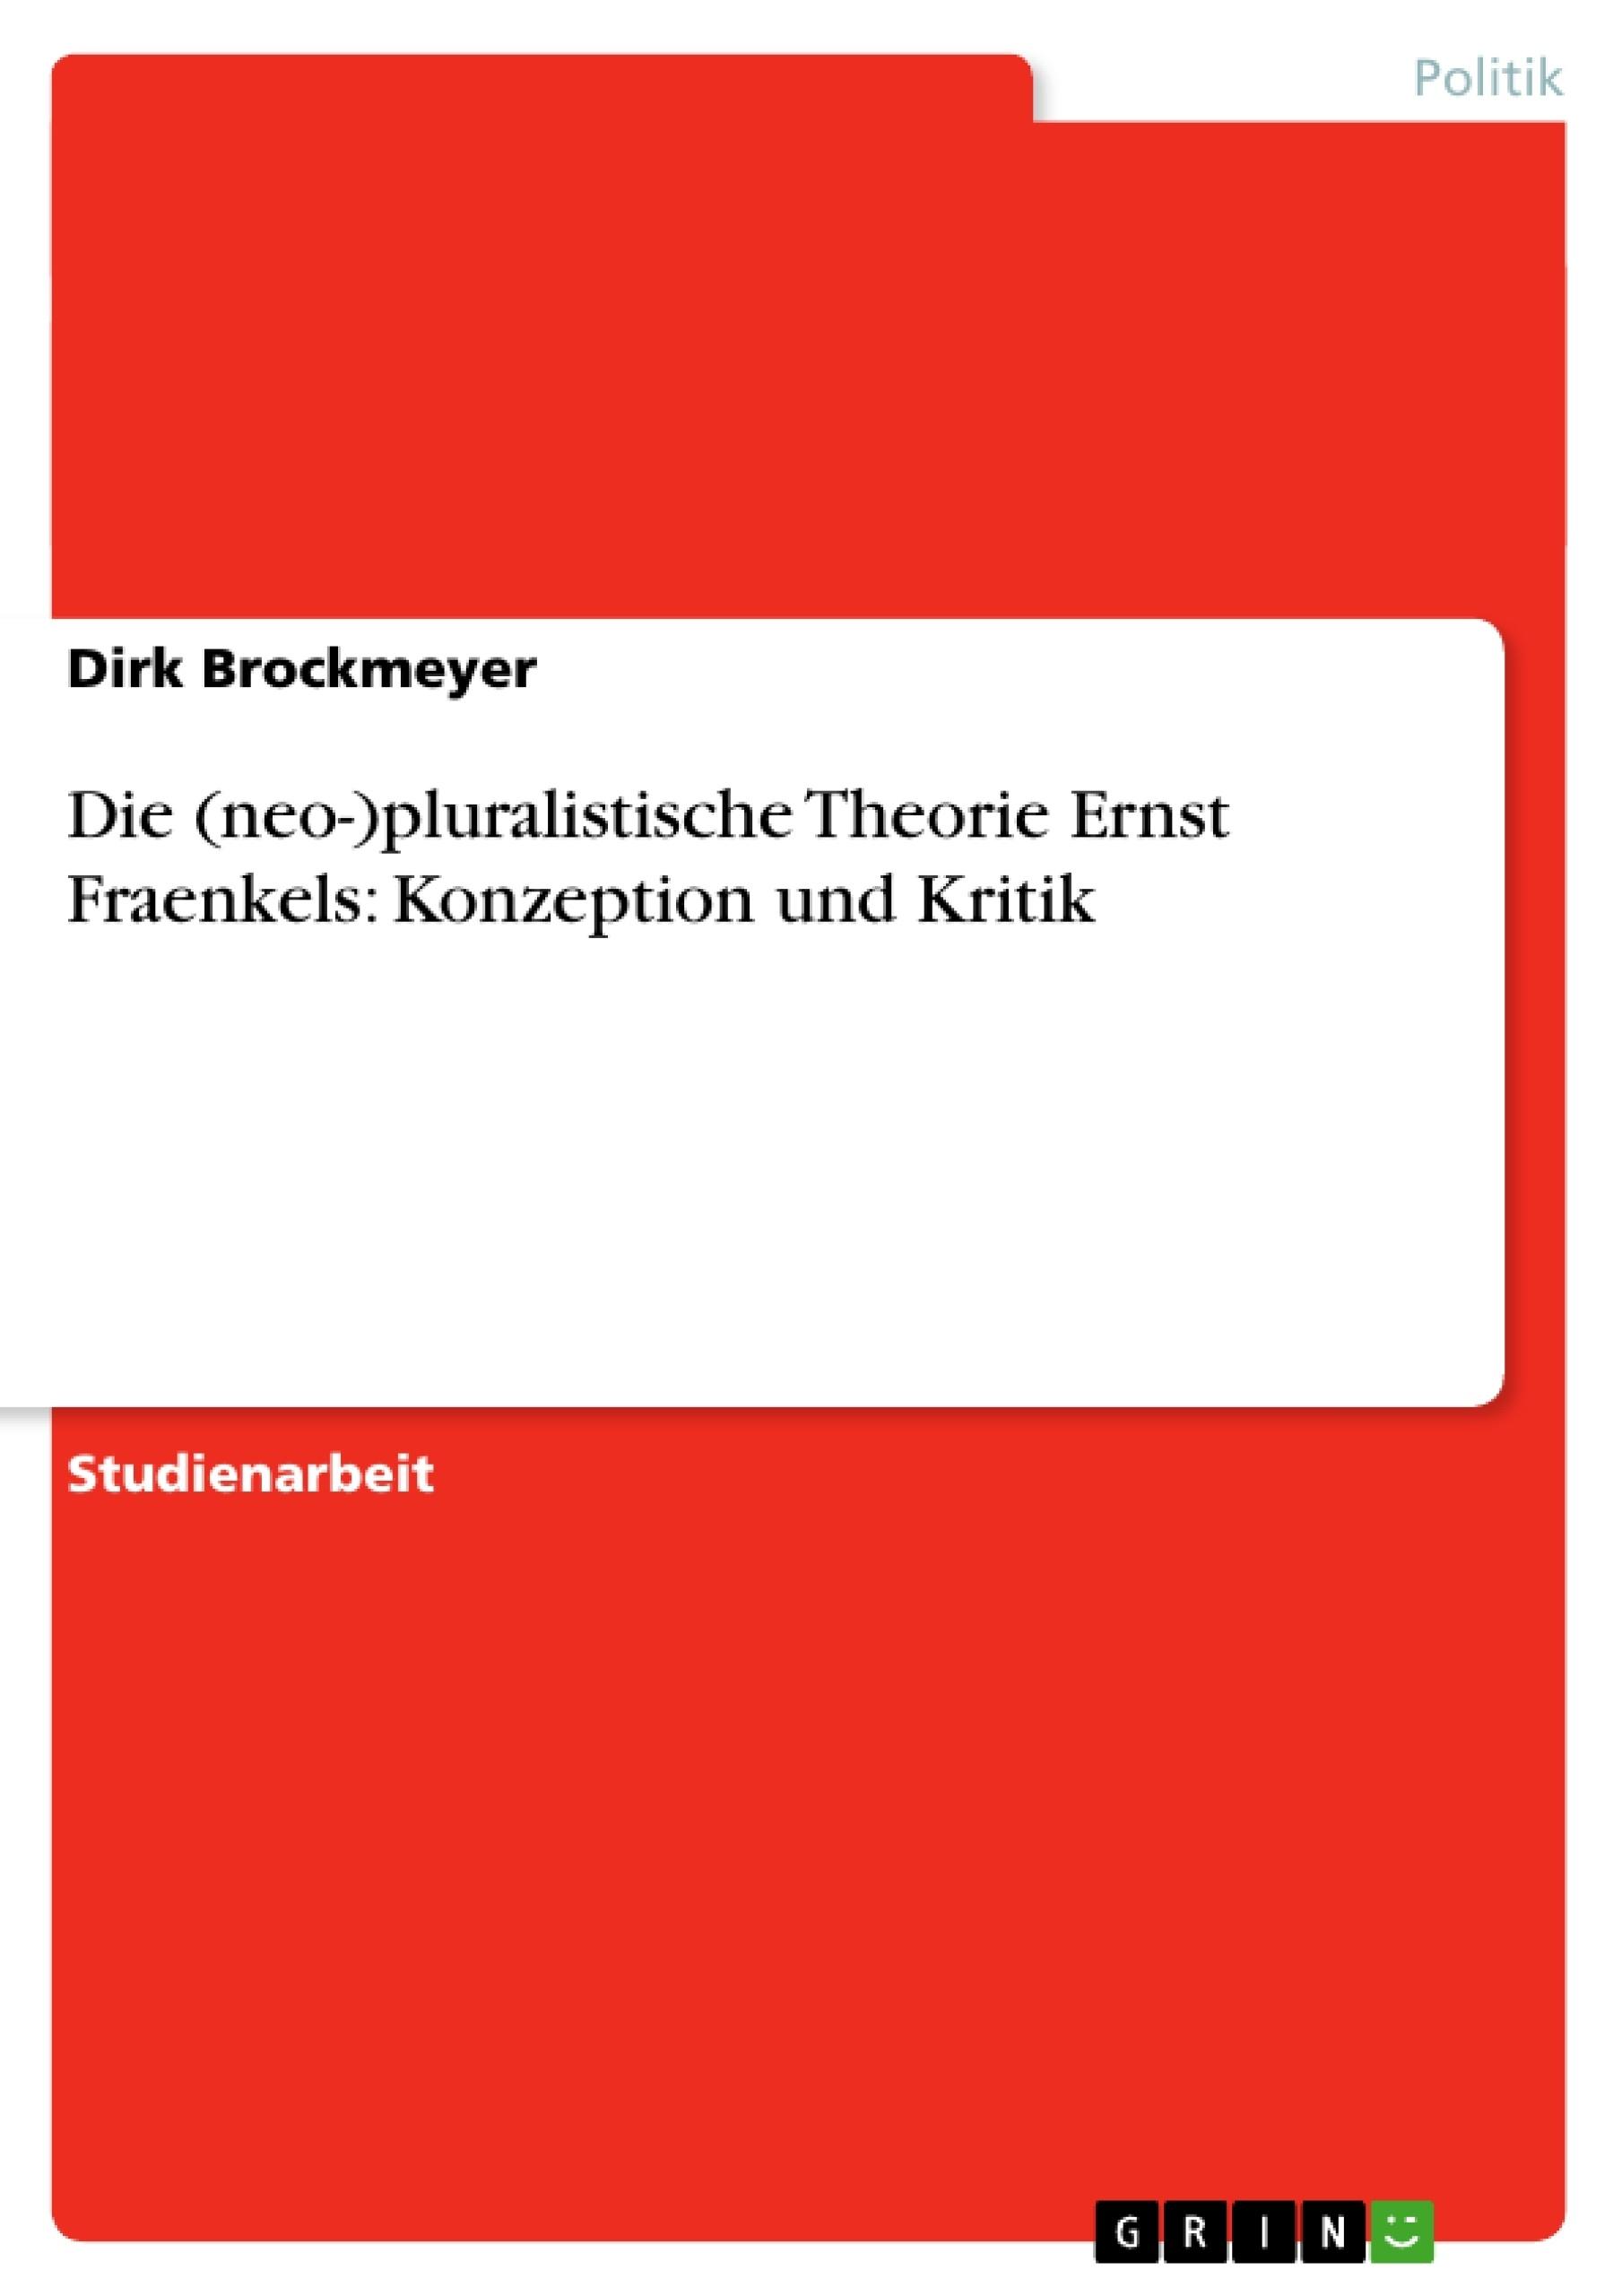 Titel: Die (neo-)pluralistische Theorie Ernst Fraenkels: Konzeption und Kritik